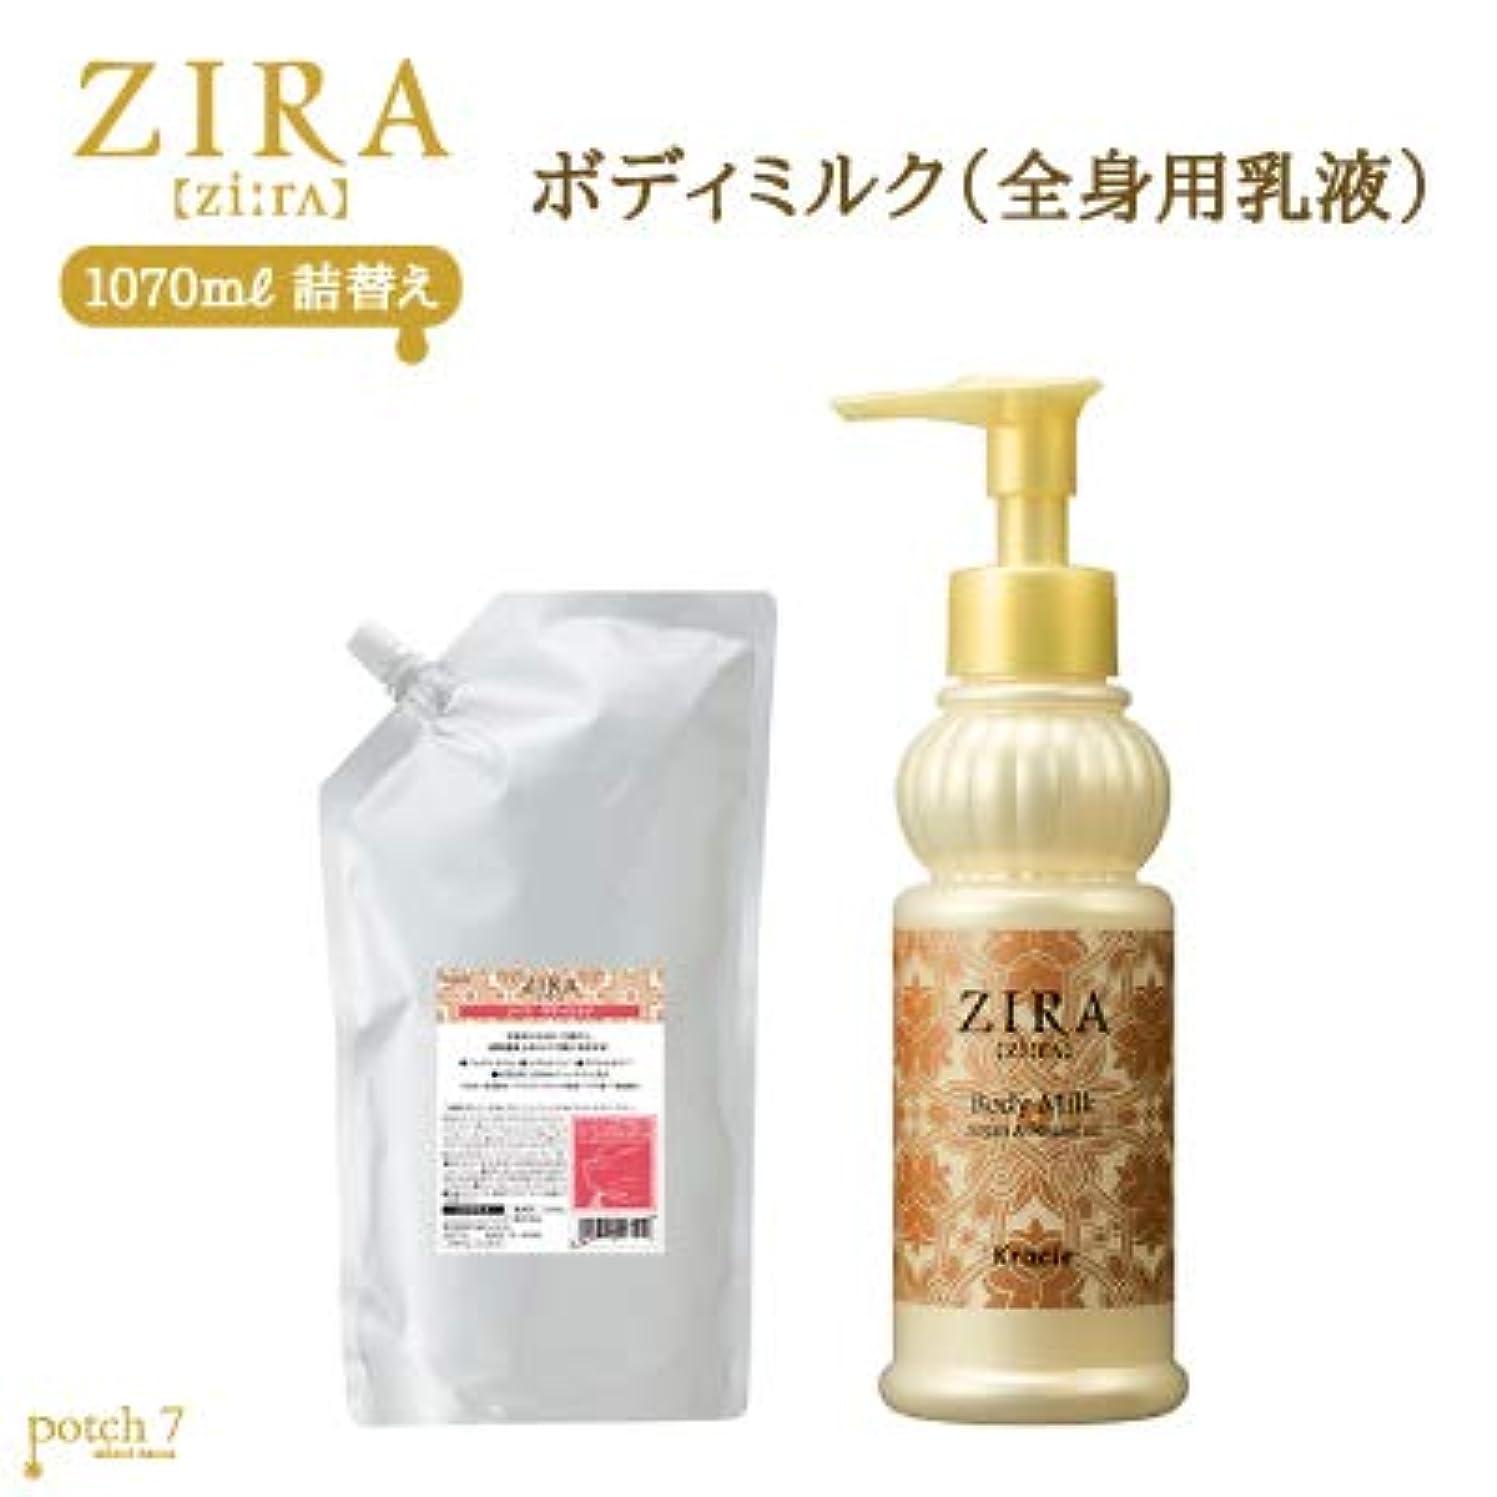 ビジョン降雨いろいろkracie(クラシエ) ZIRA ジーラ ボディミルク 乳液 1070ml 業務用サイズ 詰替え 150ml×1本